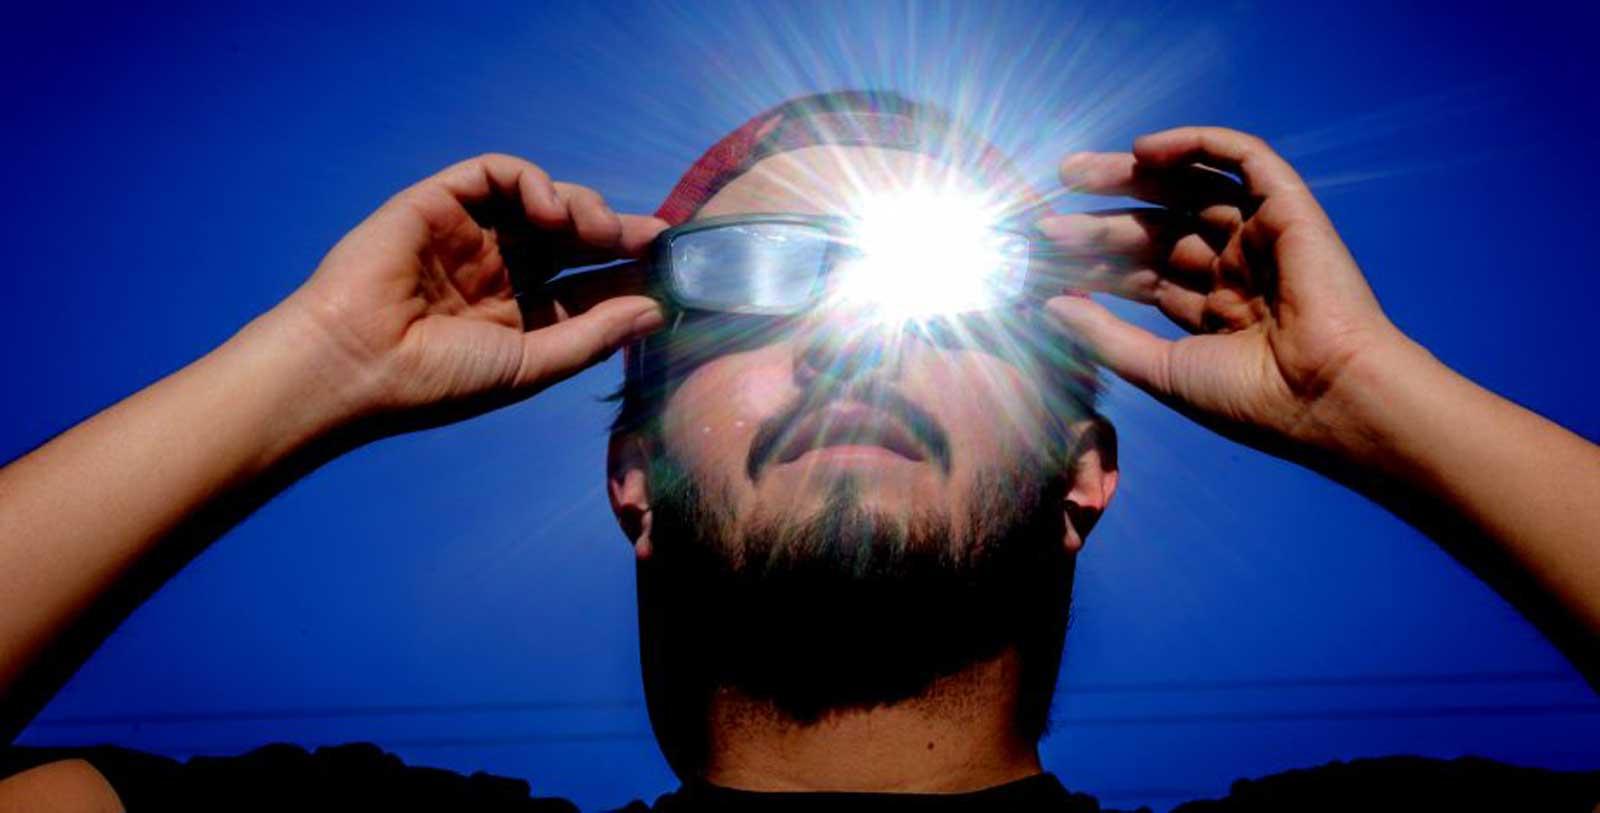 Comment regarder l'éclipse du 14 décembre en toute sécurité et sans endommager votre vision